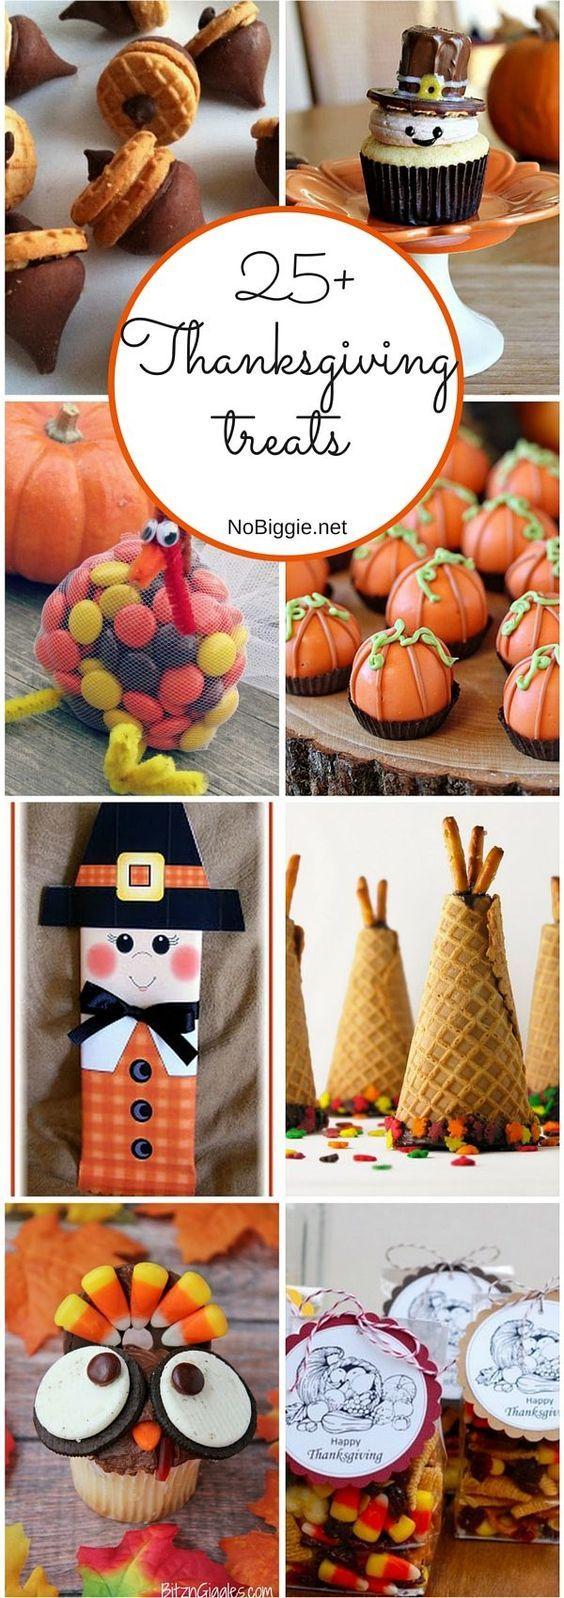 25+ Thanksgiving treats- http://NoBiggie.net